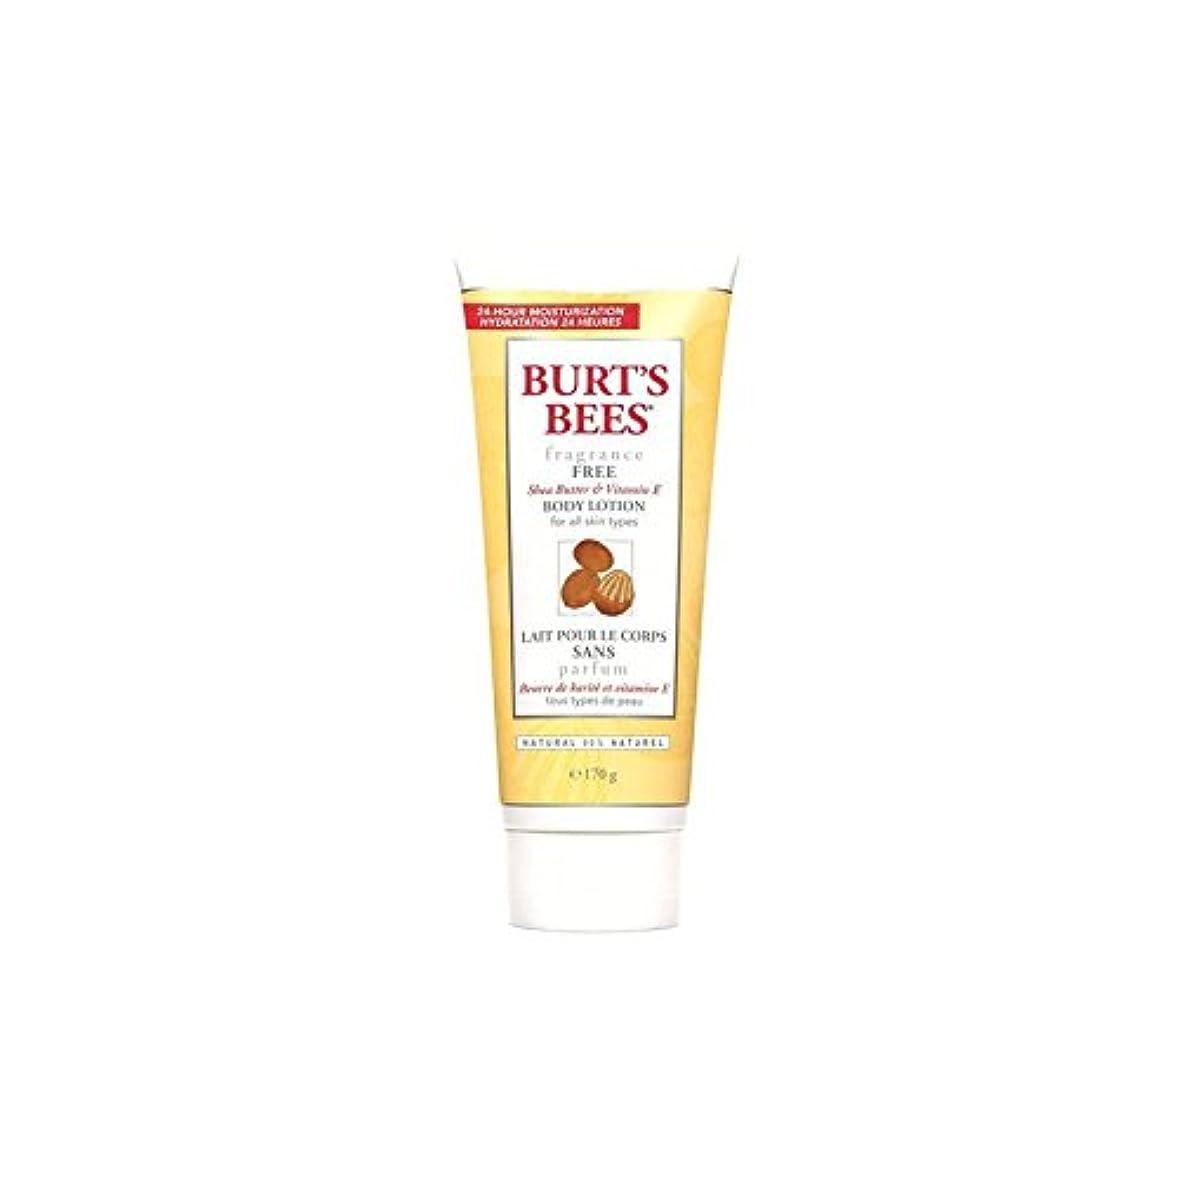 バウンド義務づけるブロンズバーツビーボディローション - 無香料6オンス x4 - Burt's Bees Body Lotion - Fragrance Free 6fl oz (Pack of 4) [並行輸入品]